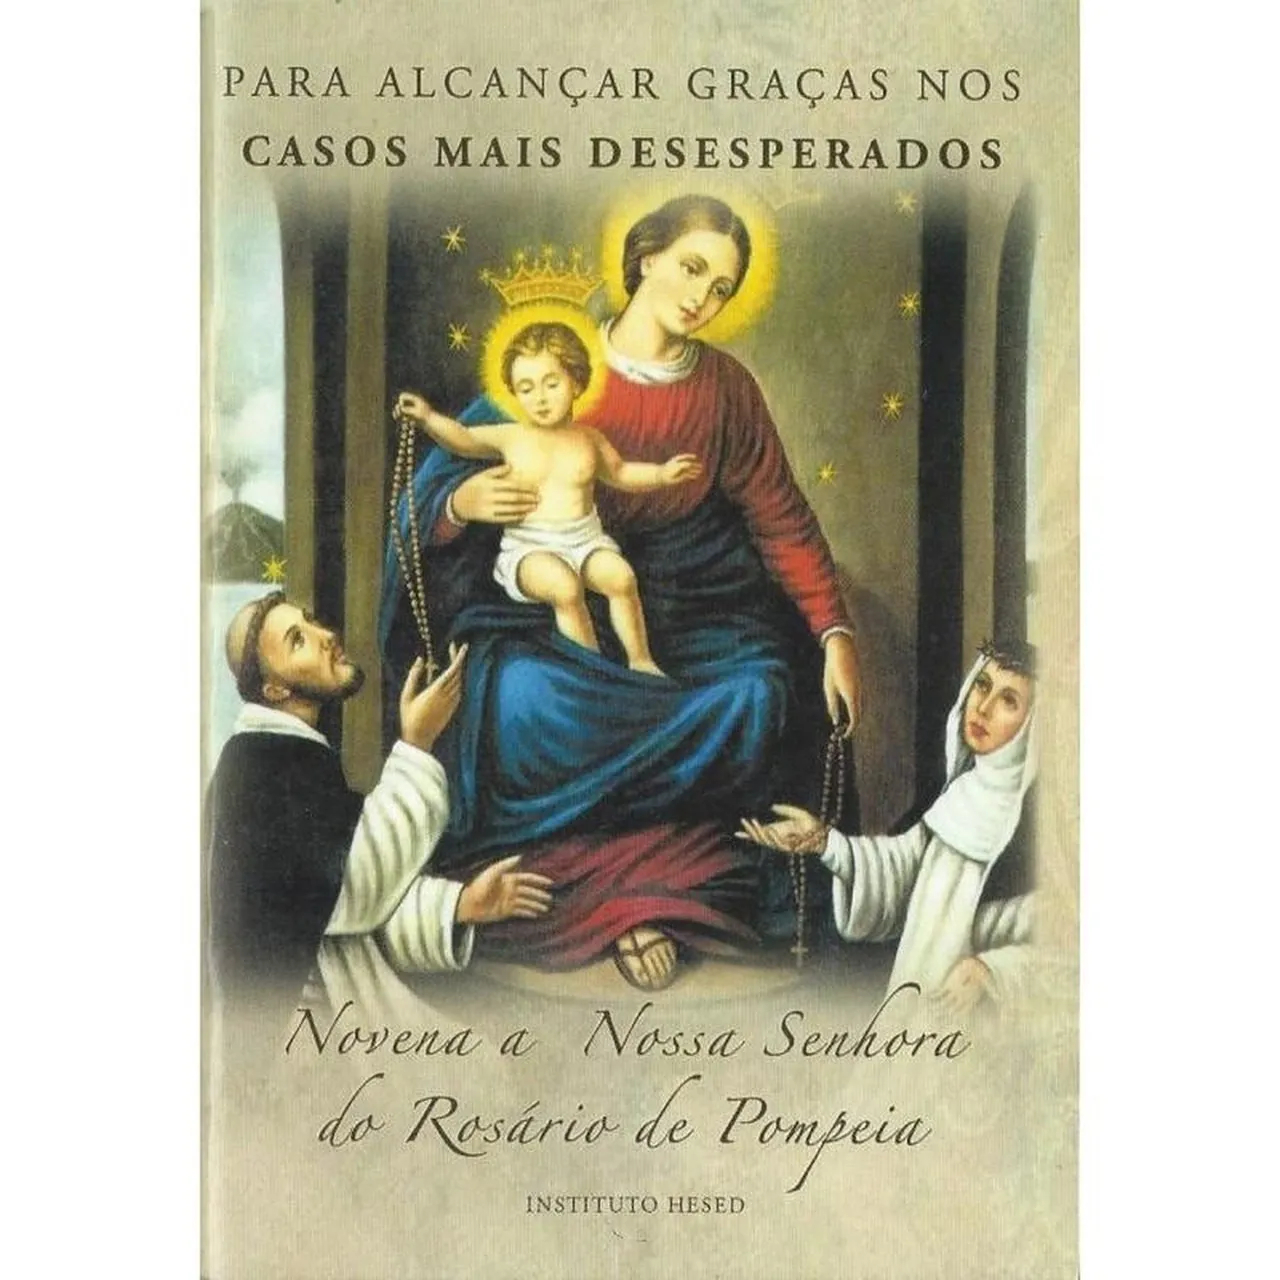 Novena a Nossa Senhora do Rosário de Pompeia